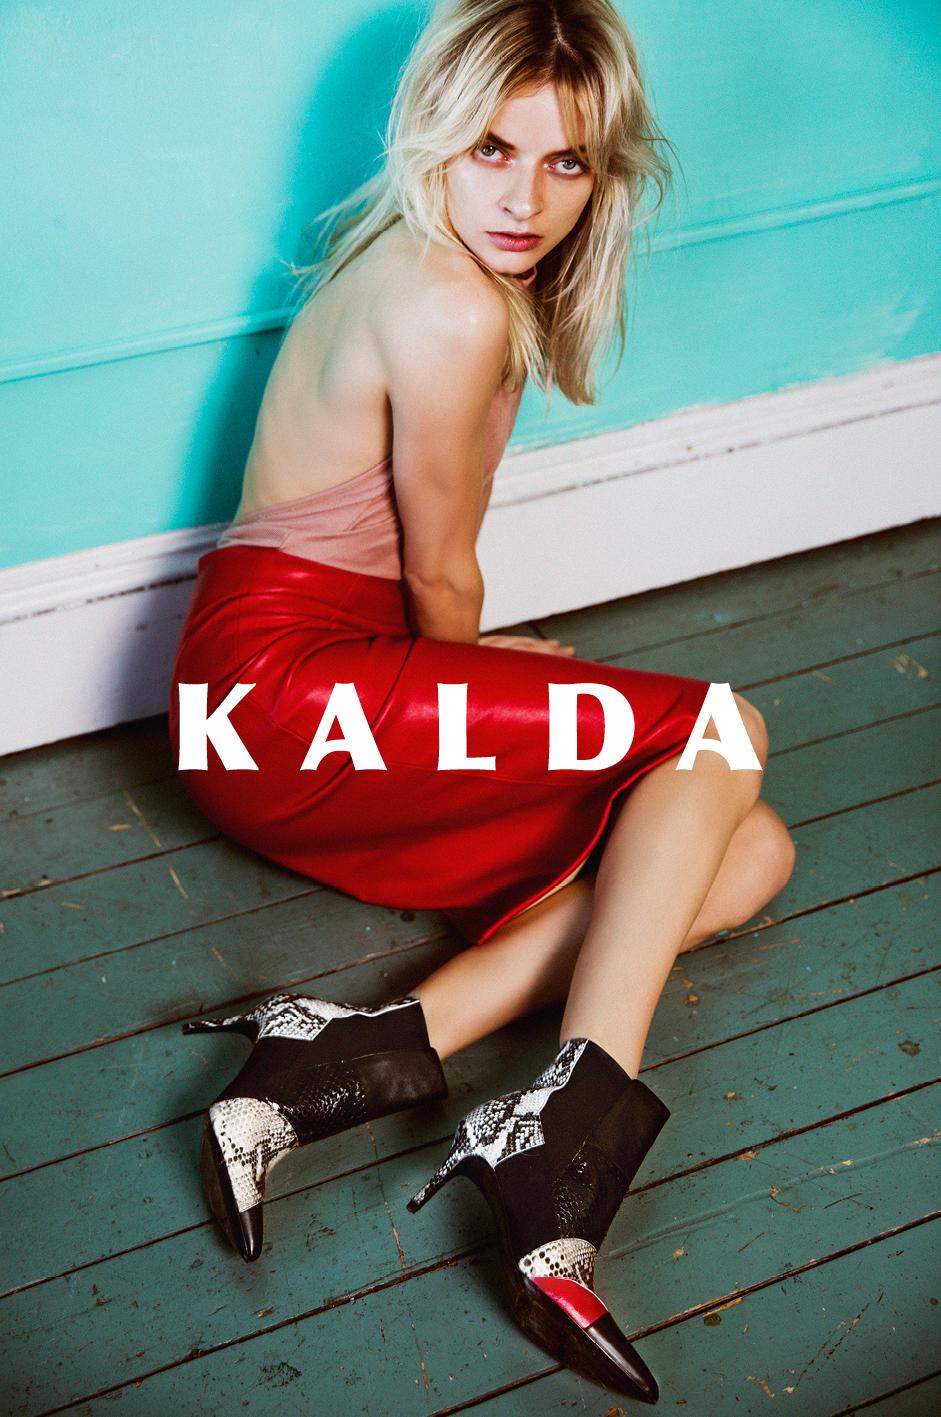 Kalda+social+media32.jpg